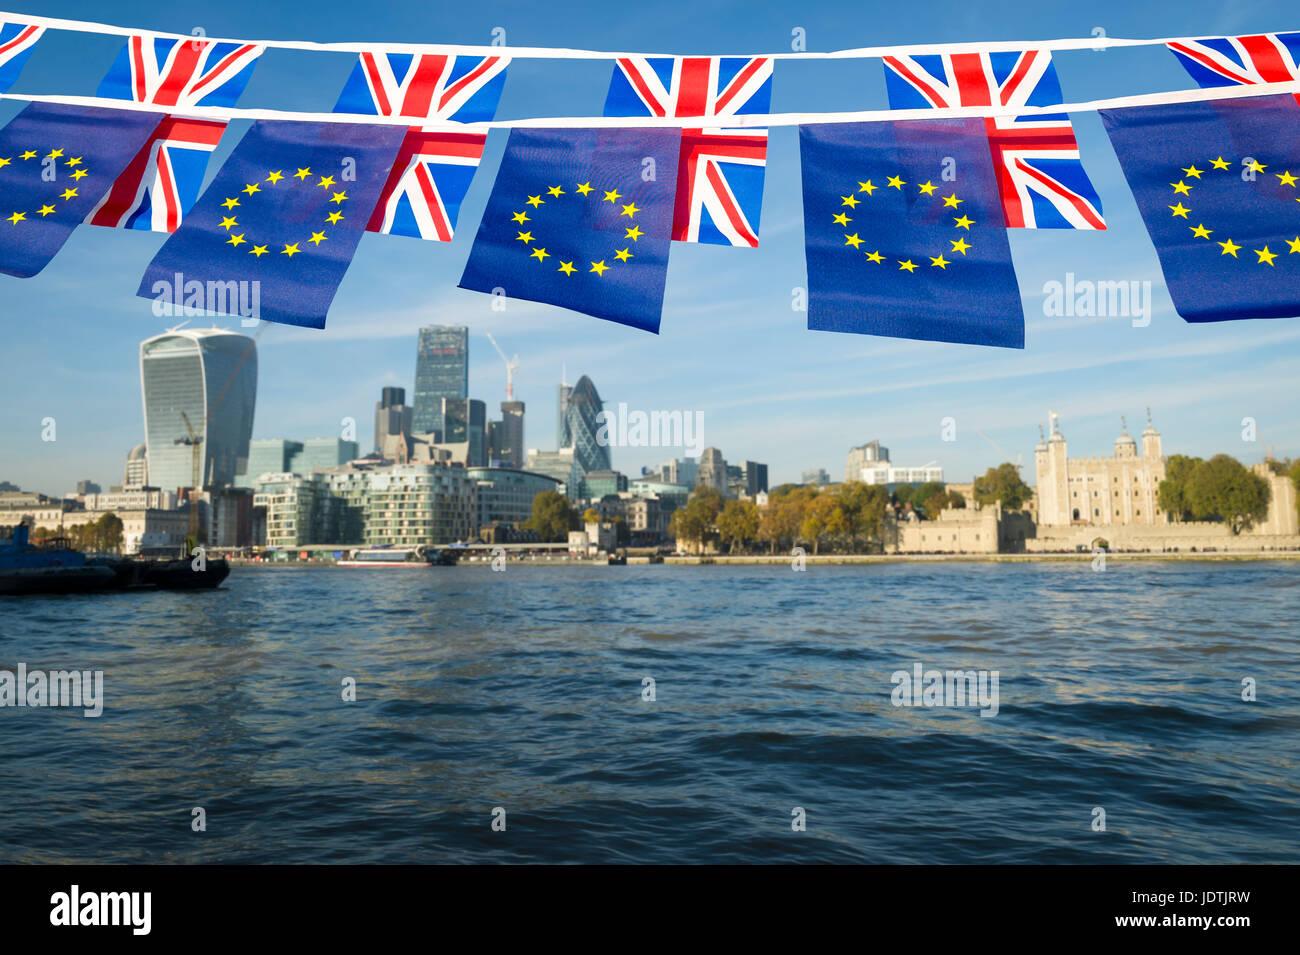 EU und UK Bunting Fahnen vor der Skyline der Stadt von London, England auf der Themse Stockbild